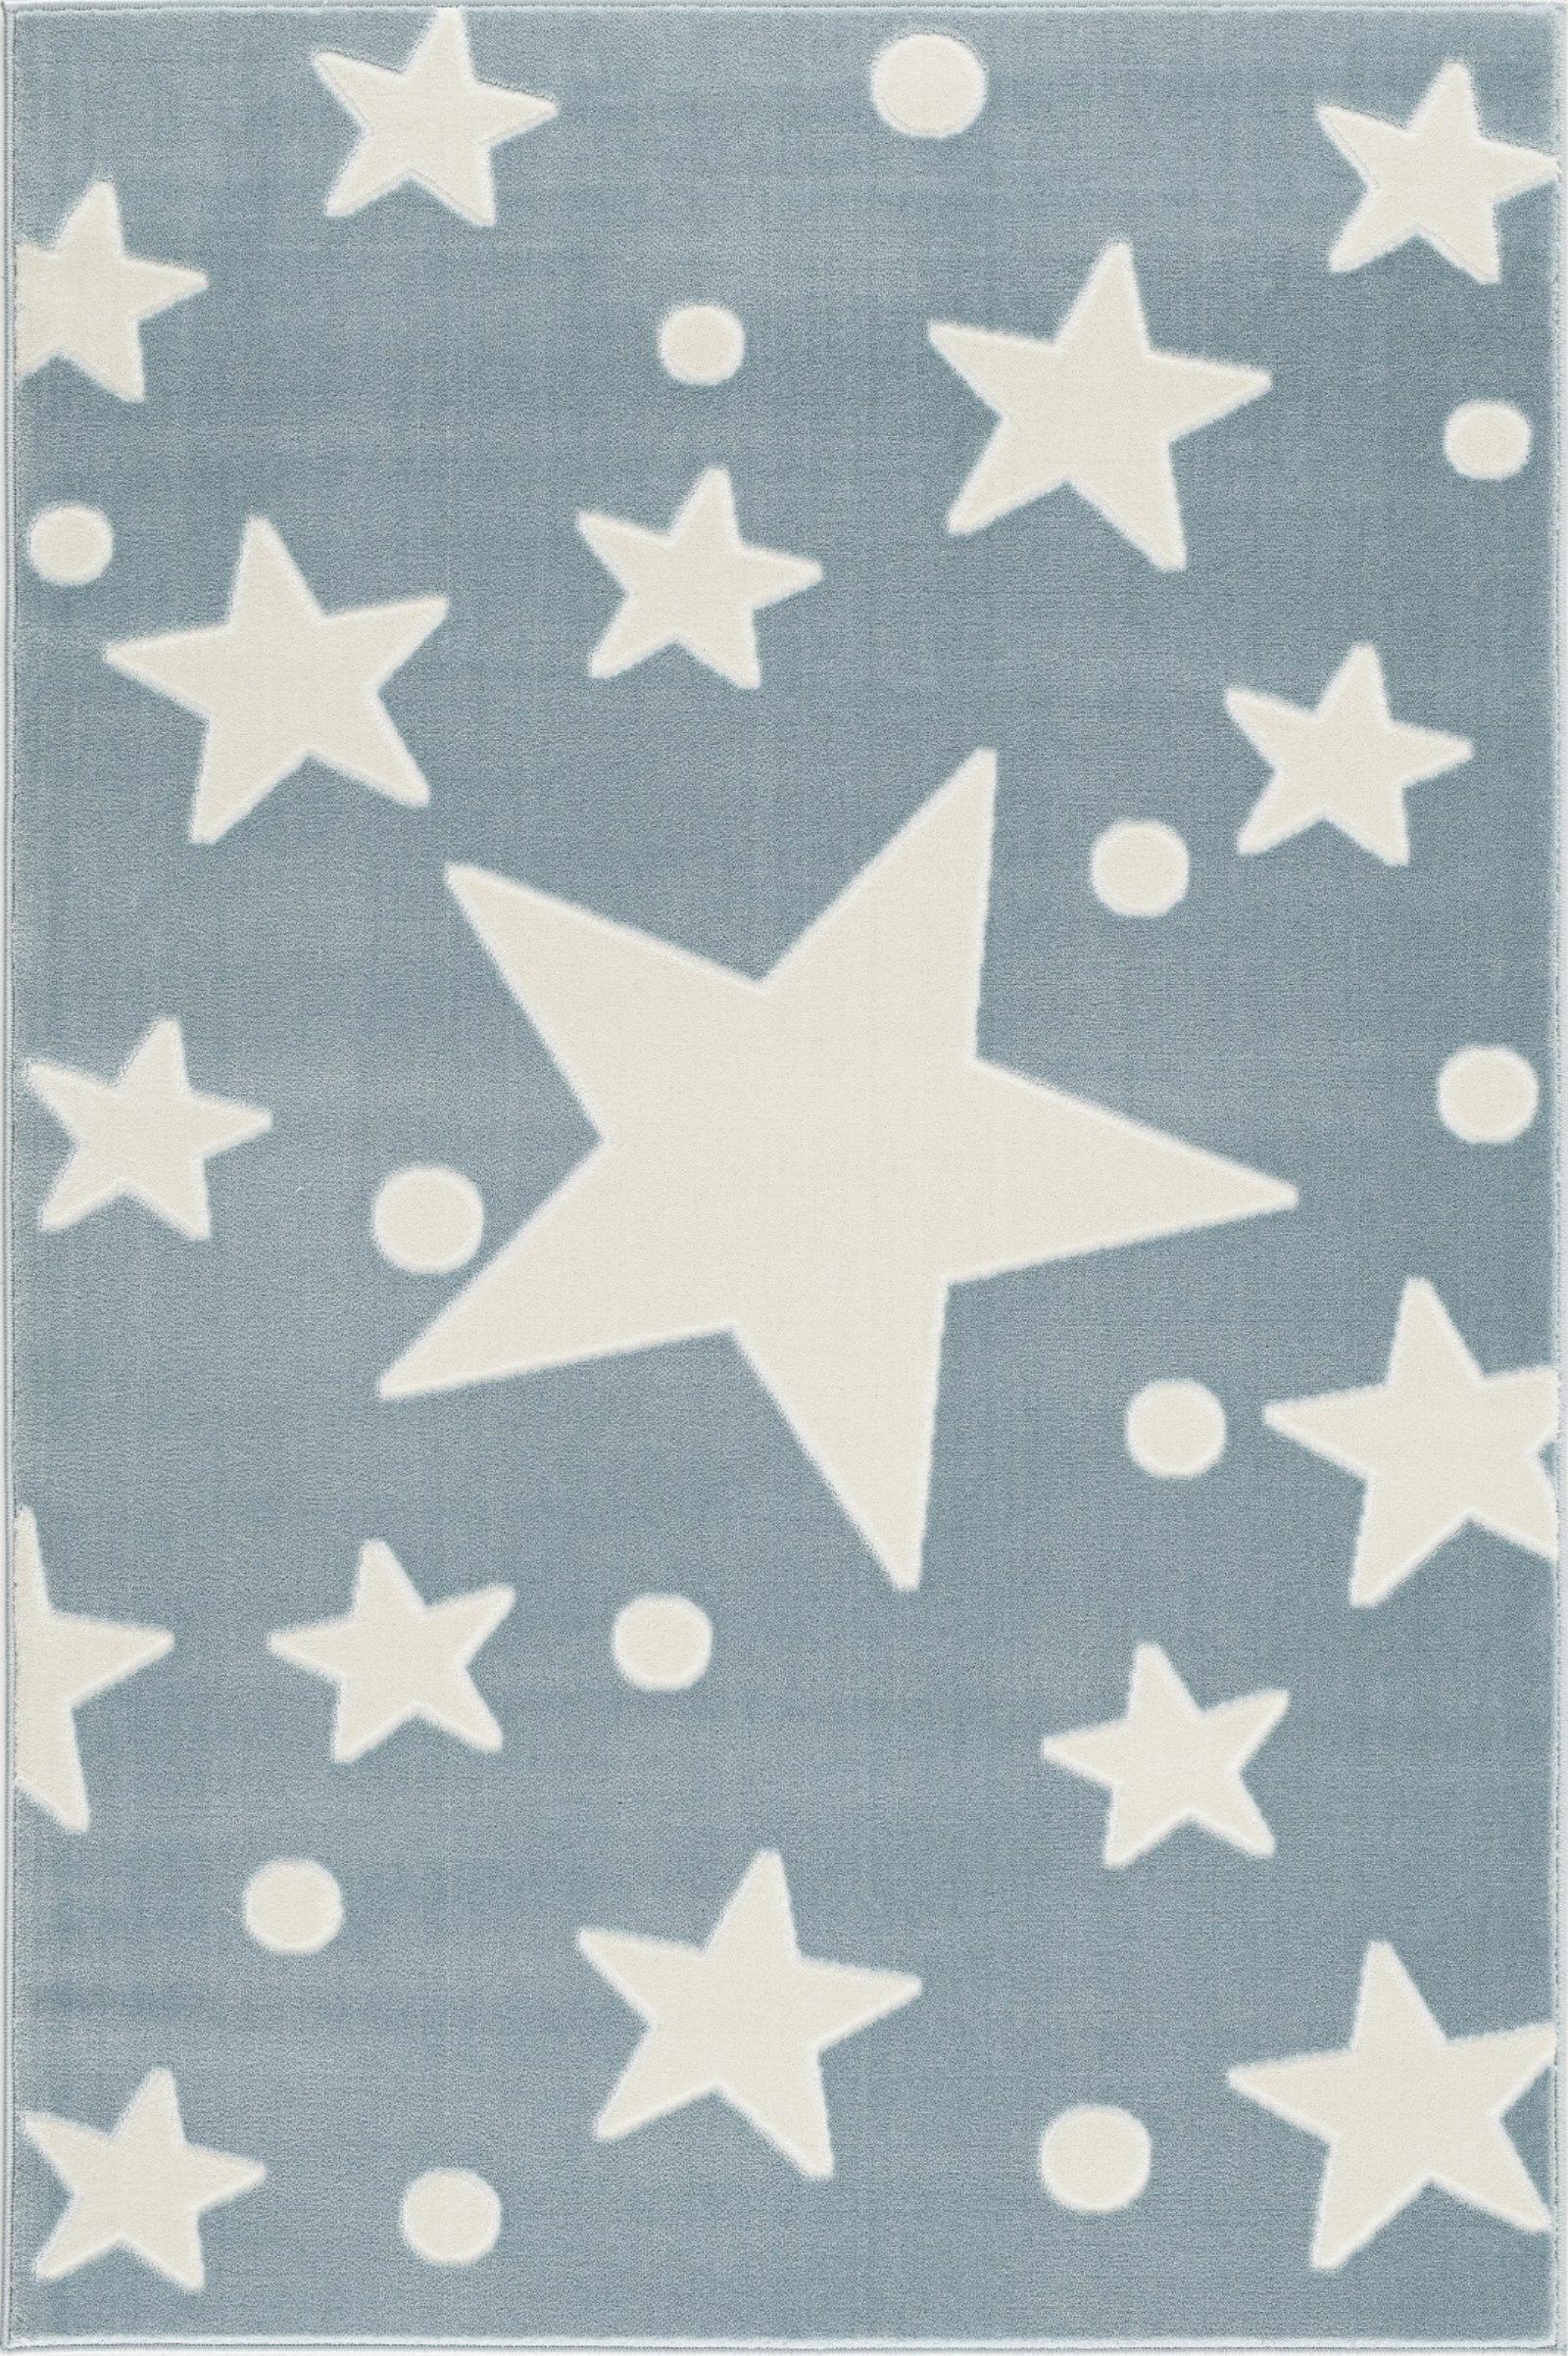 Dětský koberec hvězdy - modrá-bílá 100x160cm